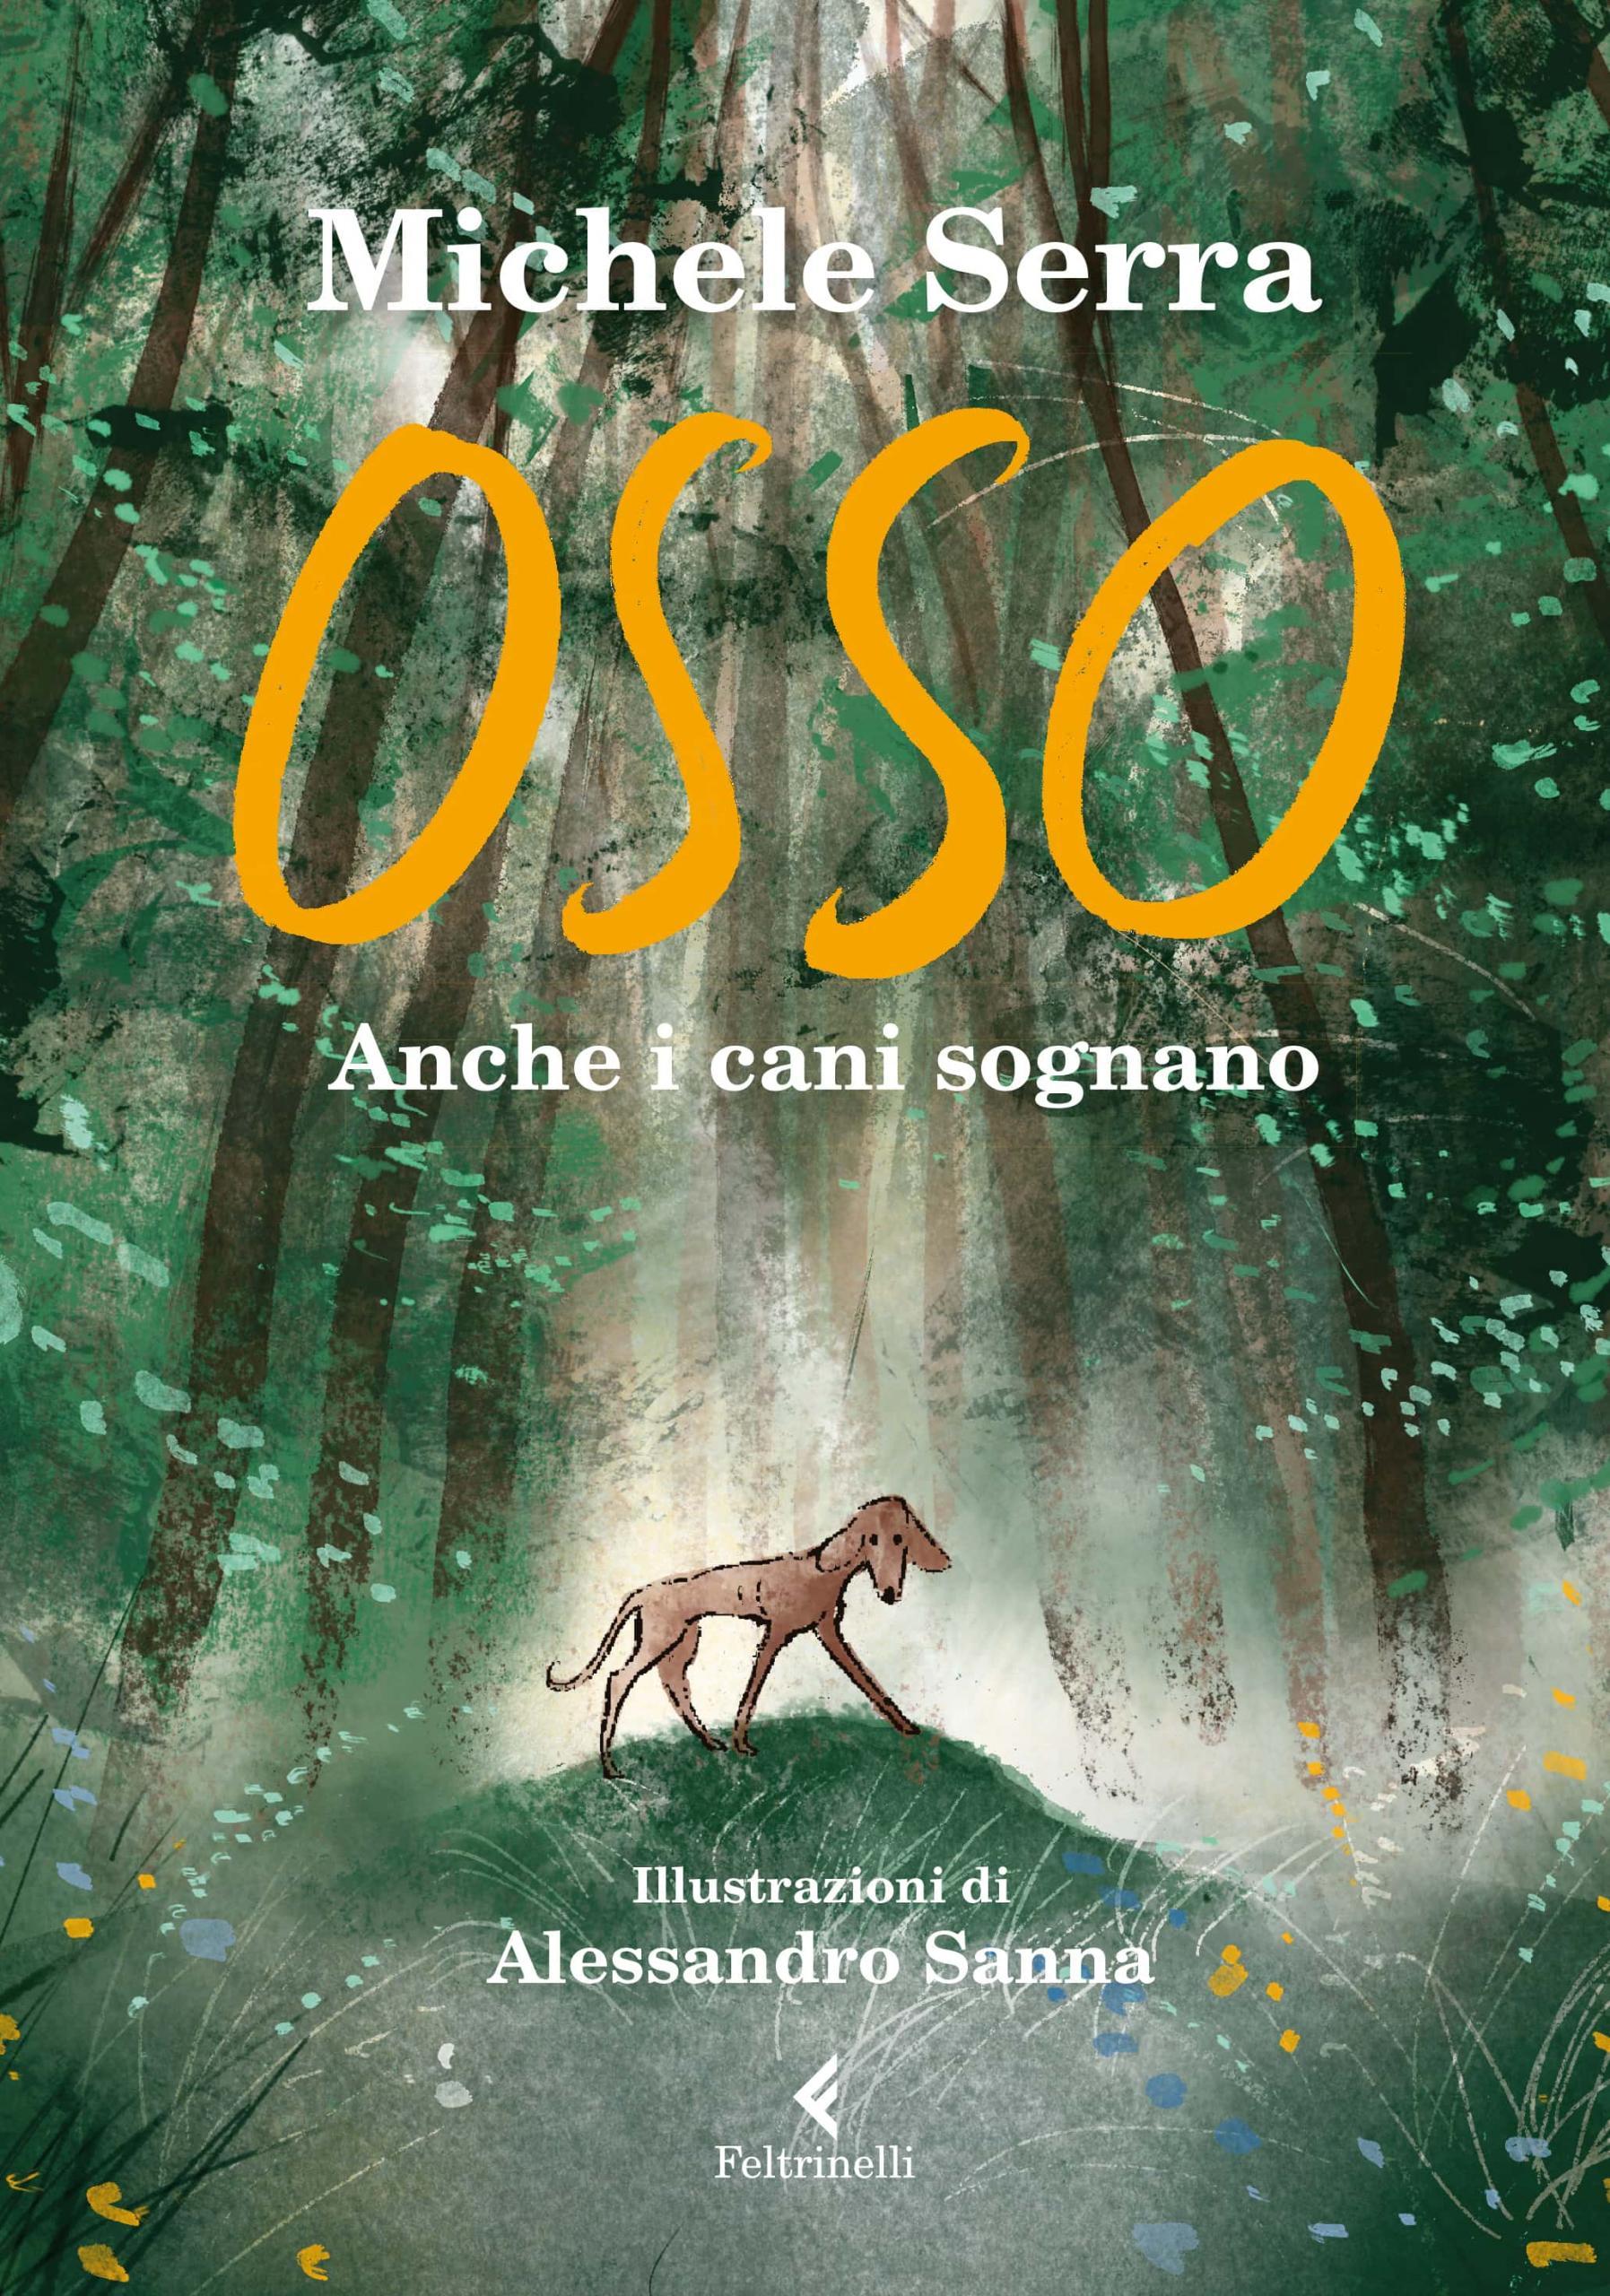 Osso. Anche i cani sognano di Michele Serra, libri per ragazzi 2021